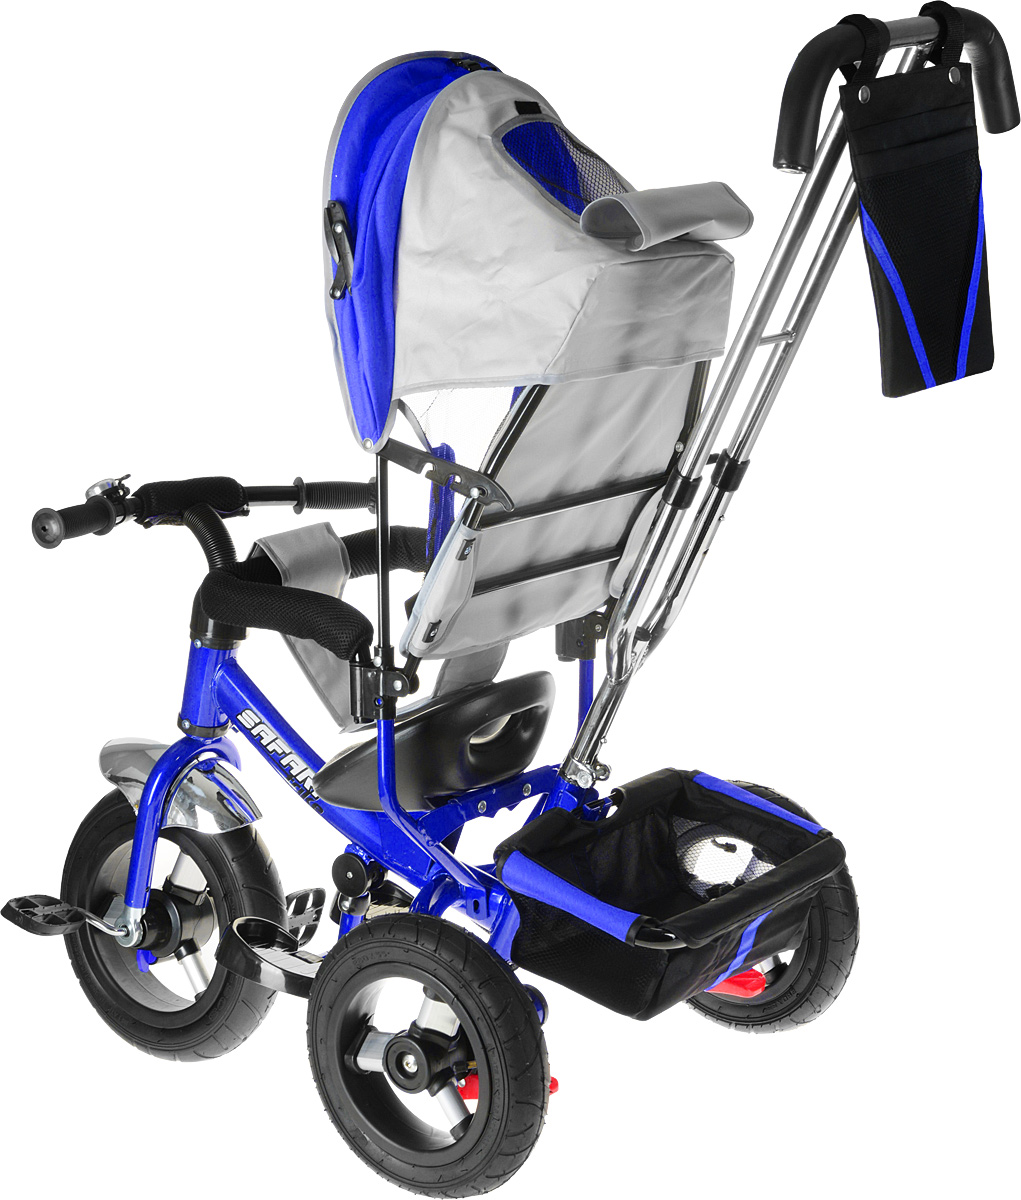 Комплектация: облегченные аллюминевые надувные резиновые колеса переднее - 12 с функцией свободного хода (разфиксация педалей), задние - 10. двойная родительская ручка с мягкими рукоятками из пористой резины и сумочкой, энергоемкая высокая спинка с регулируемым наклоном - 3 положения, складная подставка для ног, складной и съемный капюшон колясочного типа с застежками-фиксаторами, сиденье с двухточечным ремнем безопасности и памперсом, подголовник на спинке, стопоры задних колес, глубокая тканевая багажная корзина, раздвижная дуга безопасности с мягкими подлокотниками